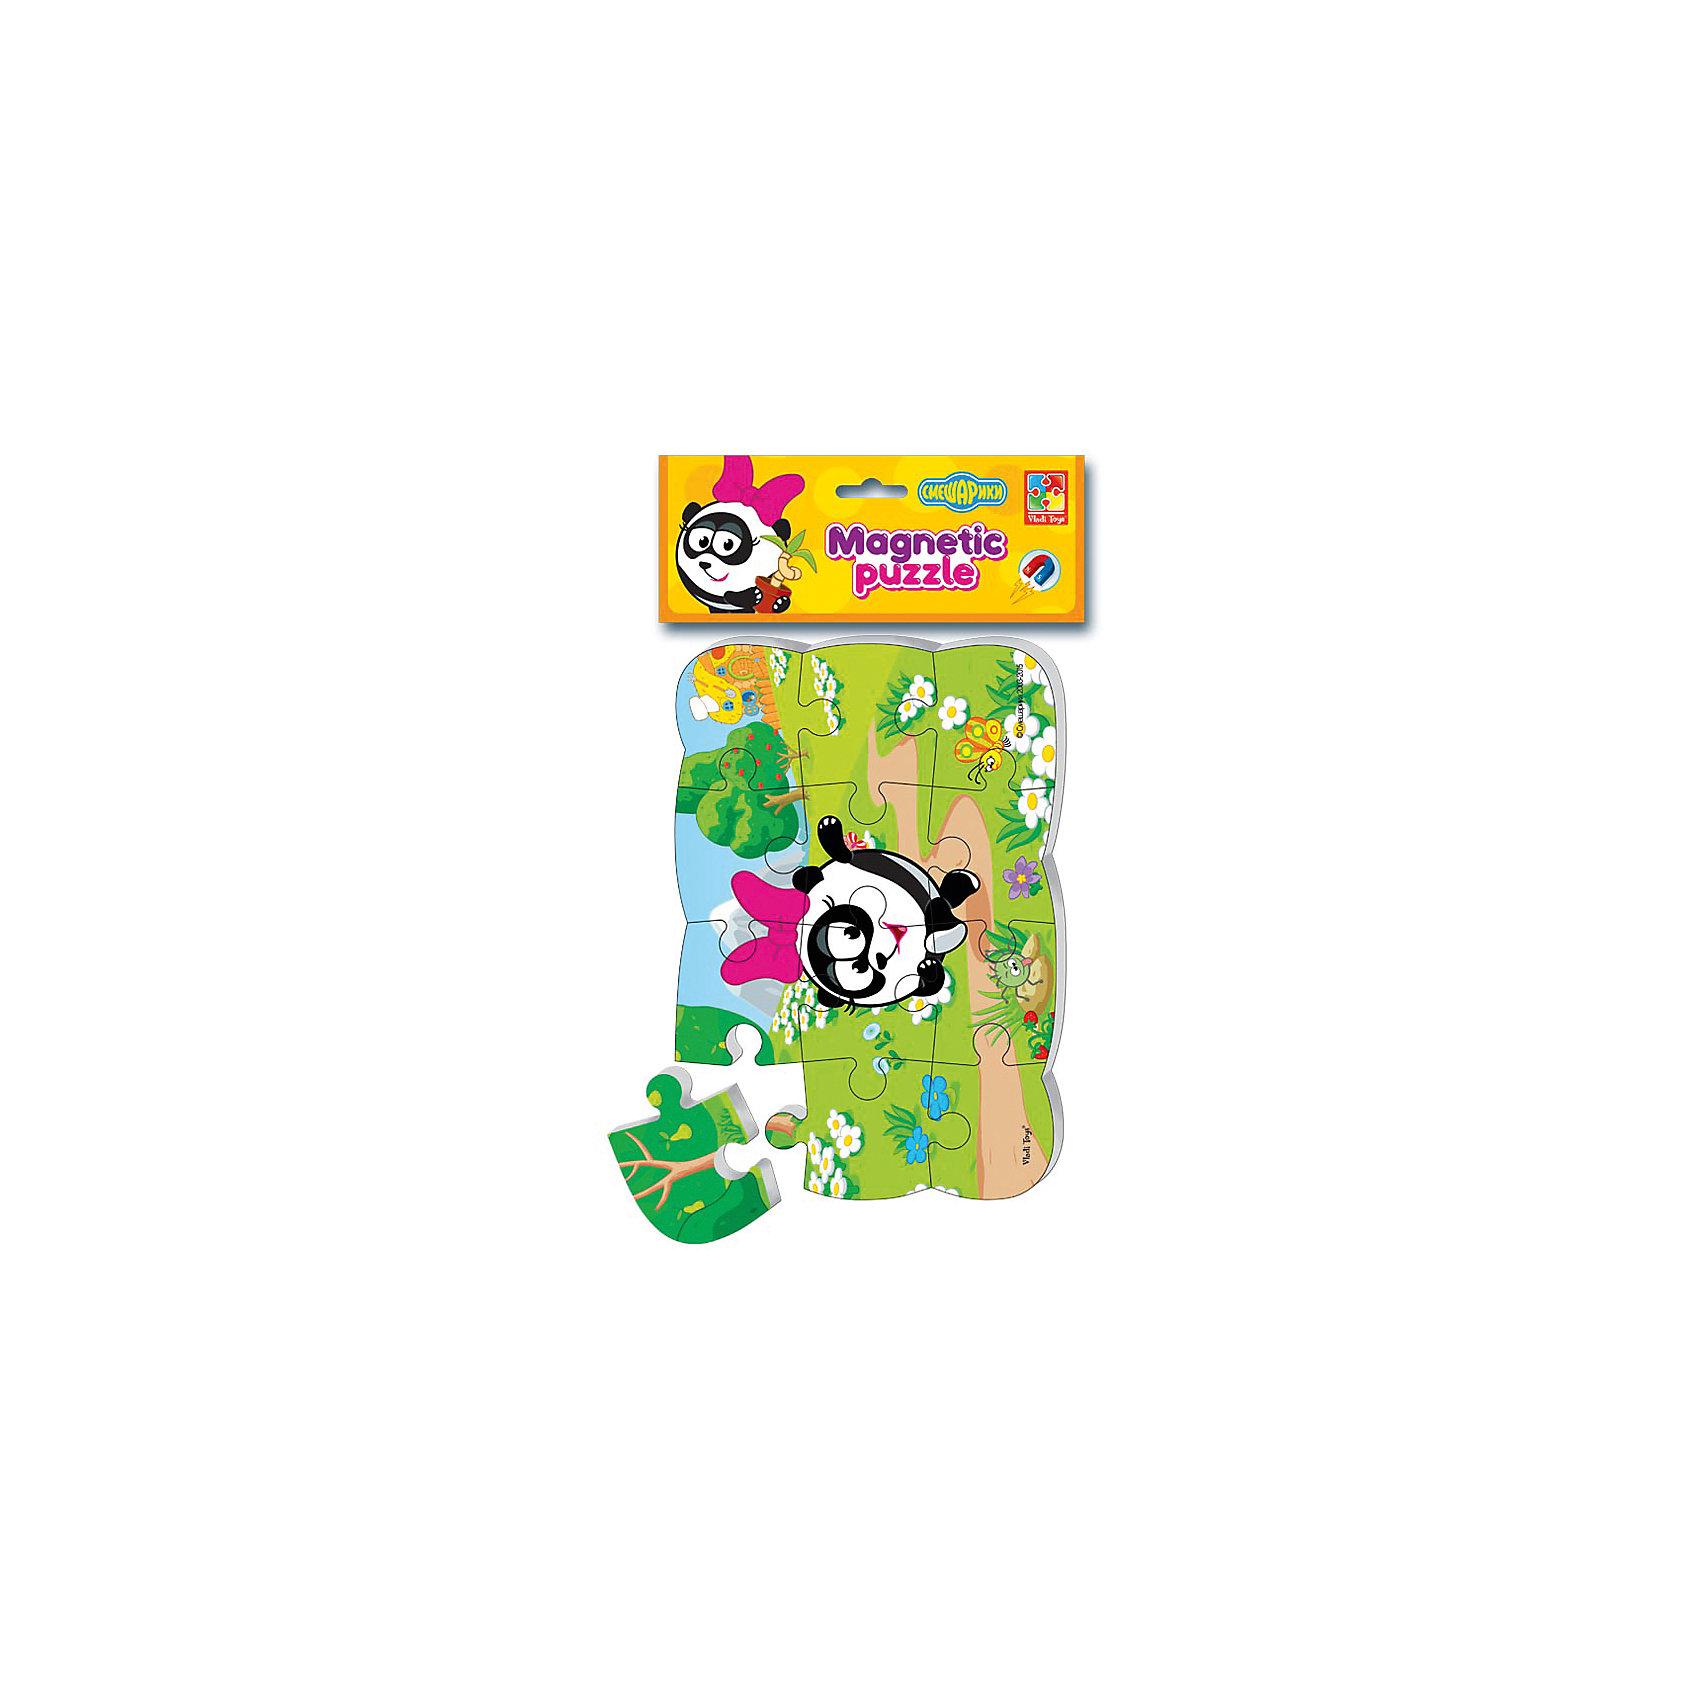 Пазлы на магните Панди, Смешарики, Vladi ToysСмешарики<br>Характеристики:<br><br>• Вид игр: развивающие<br>• Серия: пазлы-магниты<br>• Пол: универсальный<br>• Материал: полимер, картон, магнит<br>• Цвет: розовый, черный, белый, зеленый, коричневый и др.<br>• Комплектация: 1 пазл из 13-ти элементов<br>• Размеры (Д*Ш*В): 18*4*30,5 см<br>• Тип упаковки: полиэтиленовый пакет с картонным клапаном <br>• Вес: 65 г<br><br>Пазлы на магните Панди, Смешарики, Vladi Toys, производителем которых является компания, специализирующаяся на выпуске развивающих игр, давно уже стали популярными среди аналогичной продукции. Мягкие пазлы – идеальное решение для развивающих занятий с самыми маленькими детьми, так как они разделены на большие элементы с крупными изображениями, чаще всего в качестве картинок используются герои популярных мультсериалов. Самое важное в пазле для малышей – это минимум деталей и безопасность элементов. Все используемые в производстве материалы являются экологически безопасными, не вызывают аллергии, не имеют запаха. Пазлы на магните Панди, Смешарики, Vladi Toys представляет собой сюжетную картинку, которая состоит из 13-и крупных элементов с изображением Панди. <br>Занятия с мягкими пазлами от Vladi Toys способствуют развитию не только мелкой моторики, но и внимательности, усидчивости, терпению при достижении цели. Кроме того, по собранной картинке можно составлять рассказ, что позволит развивать речевые навыки, память и воображение.<br><br>Пазлы на магните Панди, Смешарики, Vladi Toys можно купить в нашем интернет-магазине.<br><br>Ширина мм: 180<br>Глубина мм: 4<br>Высота мм: 305<br>Вес г: 65<br>Возраст от месяцев: 24<br>Возраст до месяцев: 60<br>Пол: Унисекс<br>Возраст: Детский<br>SKU: 5136088